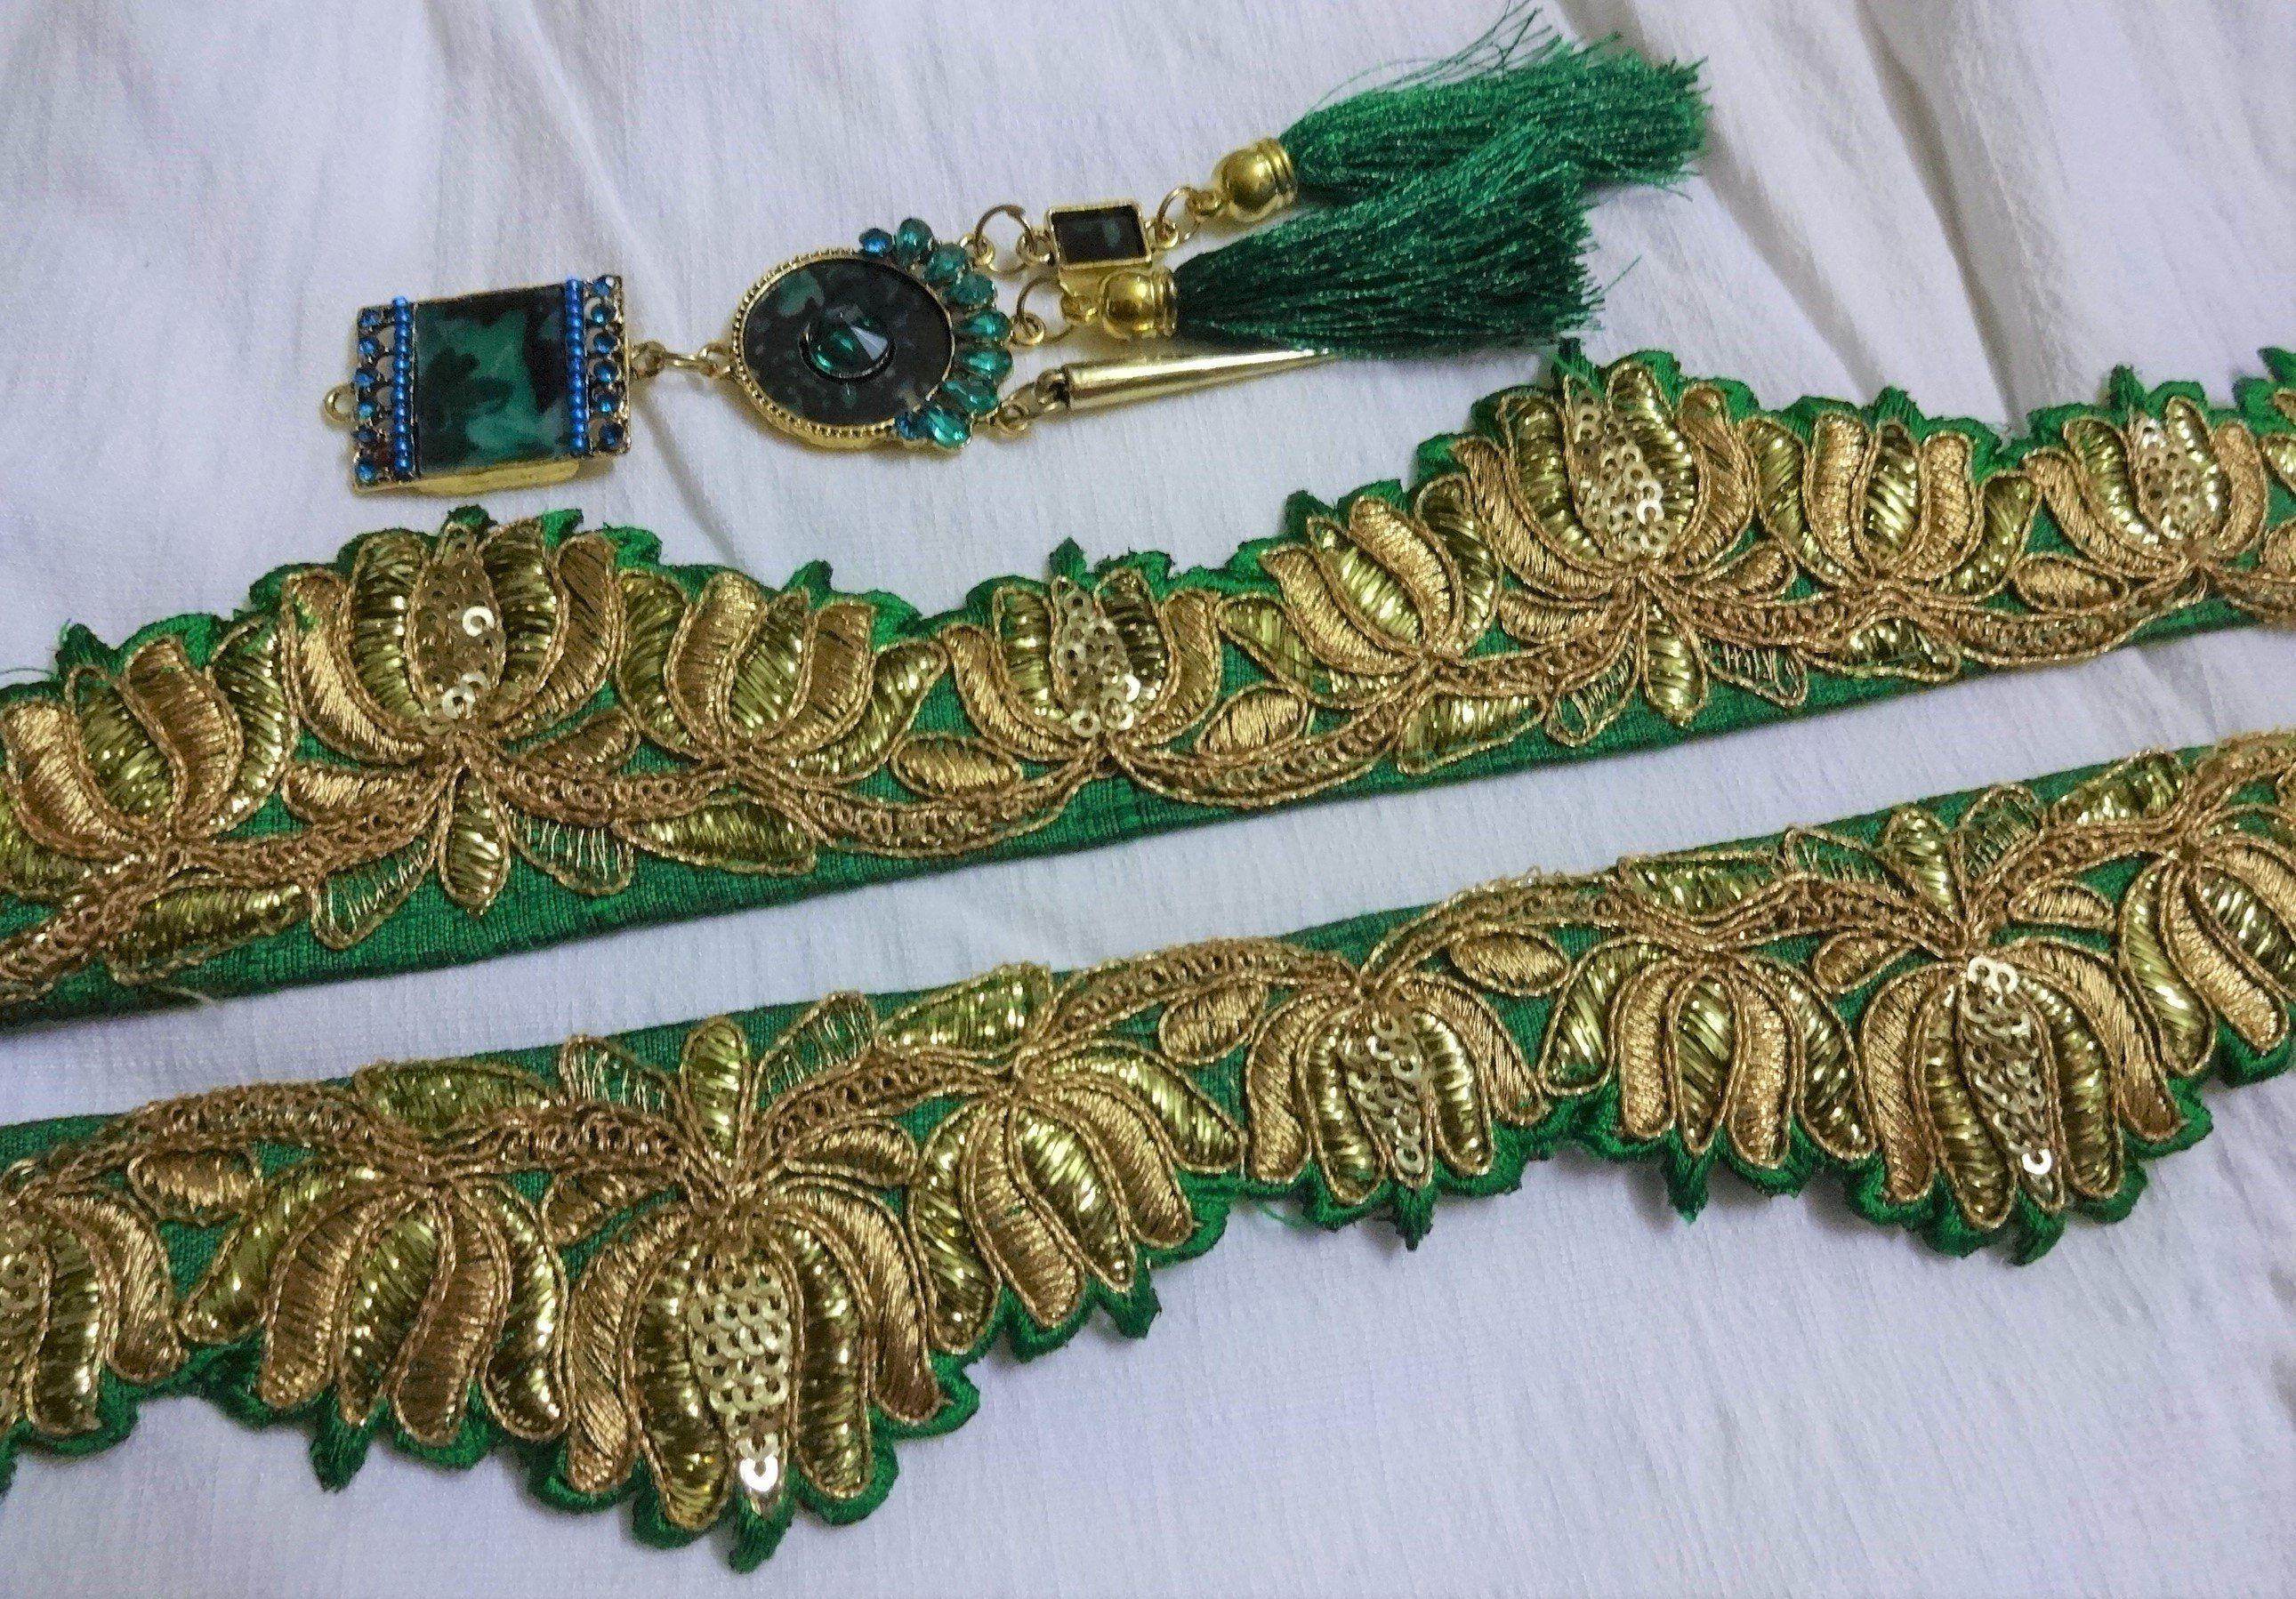 d6fa76fca822 Green Embroidered Cutwork Trim Crafting Fabric Lace Golden Zari Sari ...